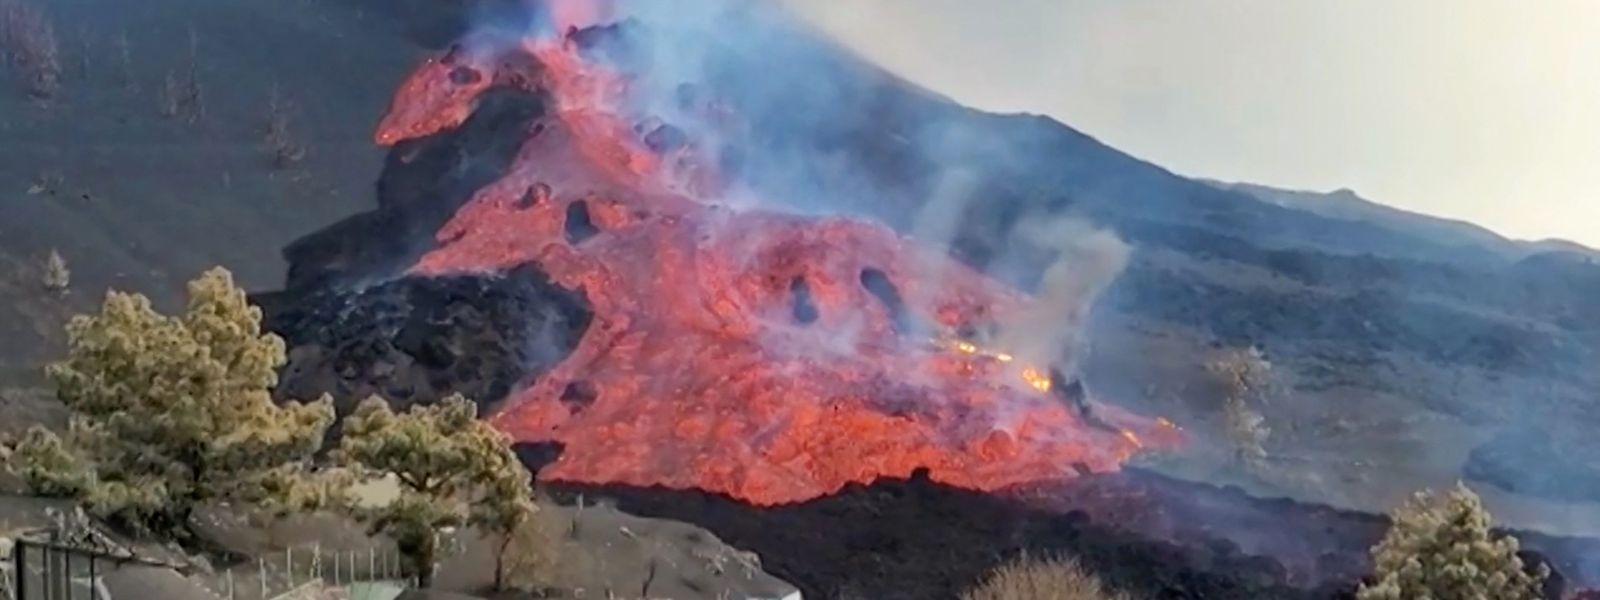 Die Lava bahnt sich ihren Weg in Richtung Meer.